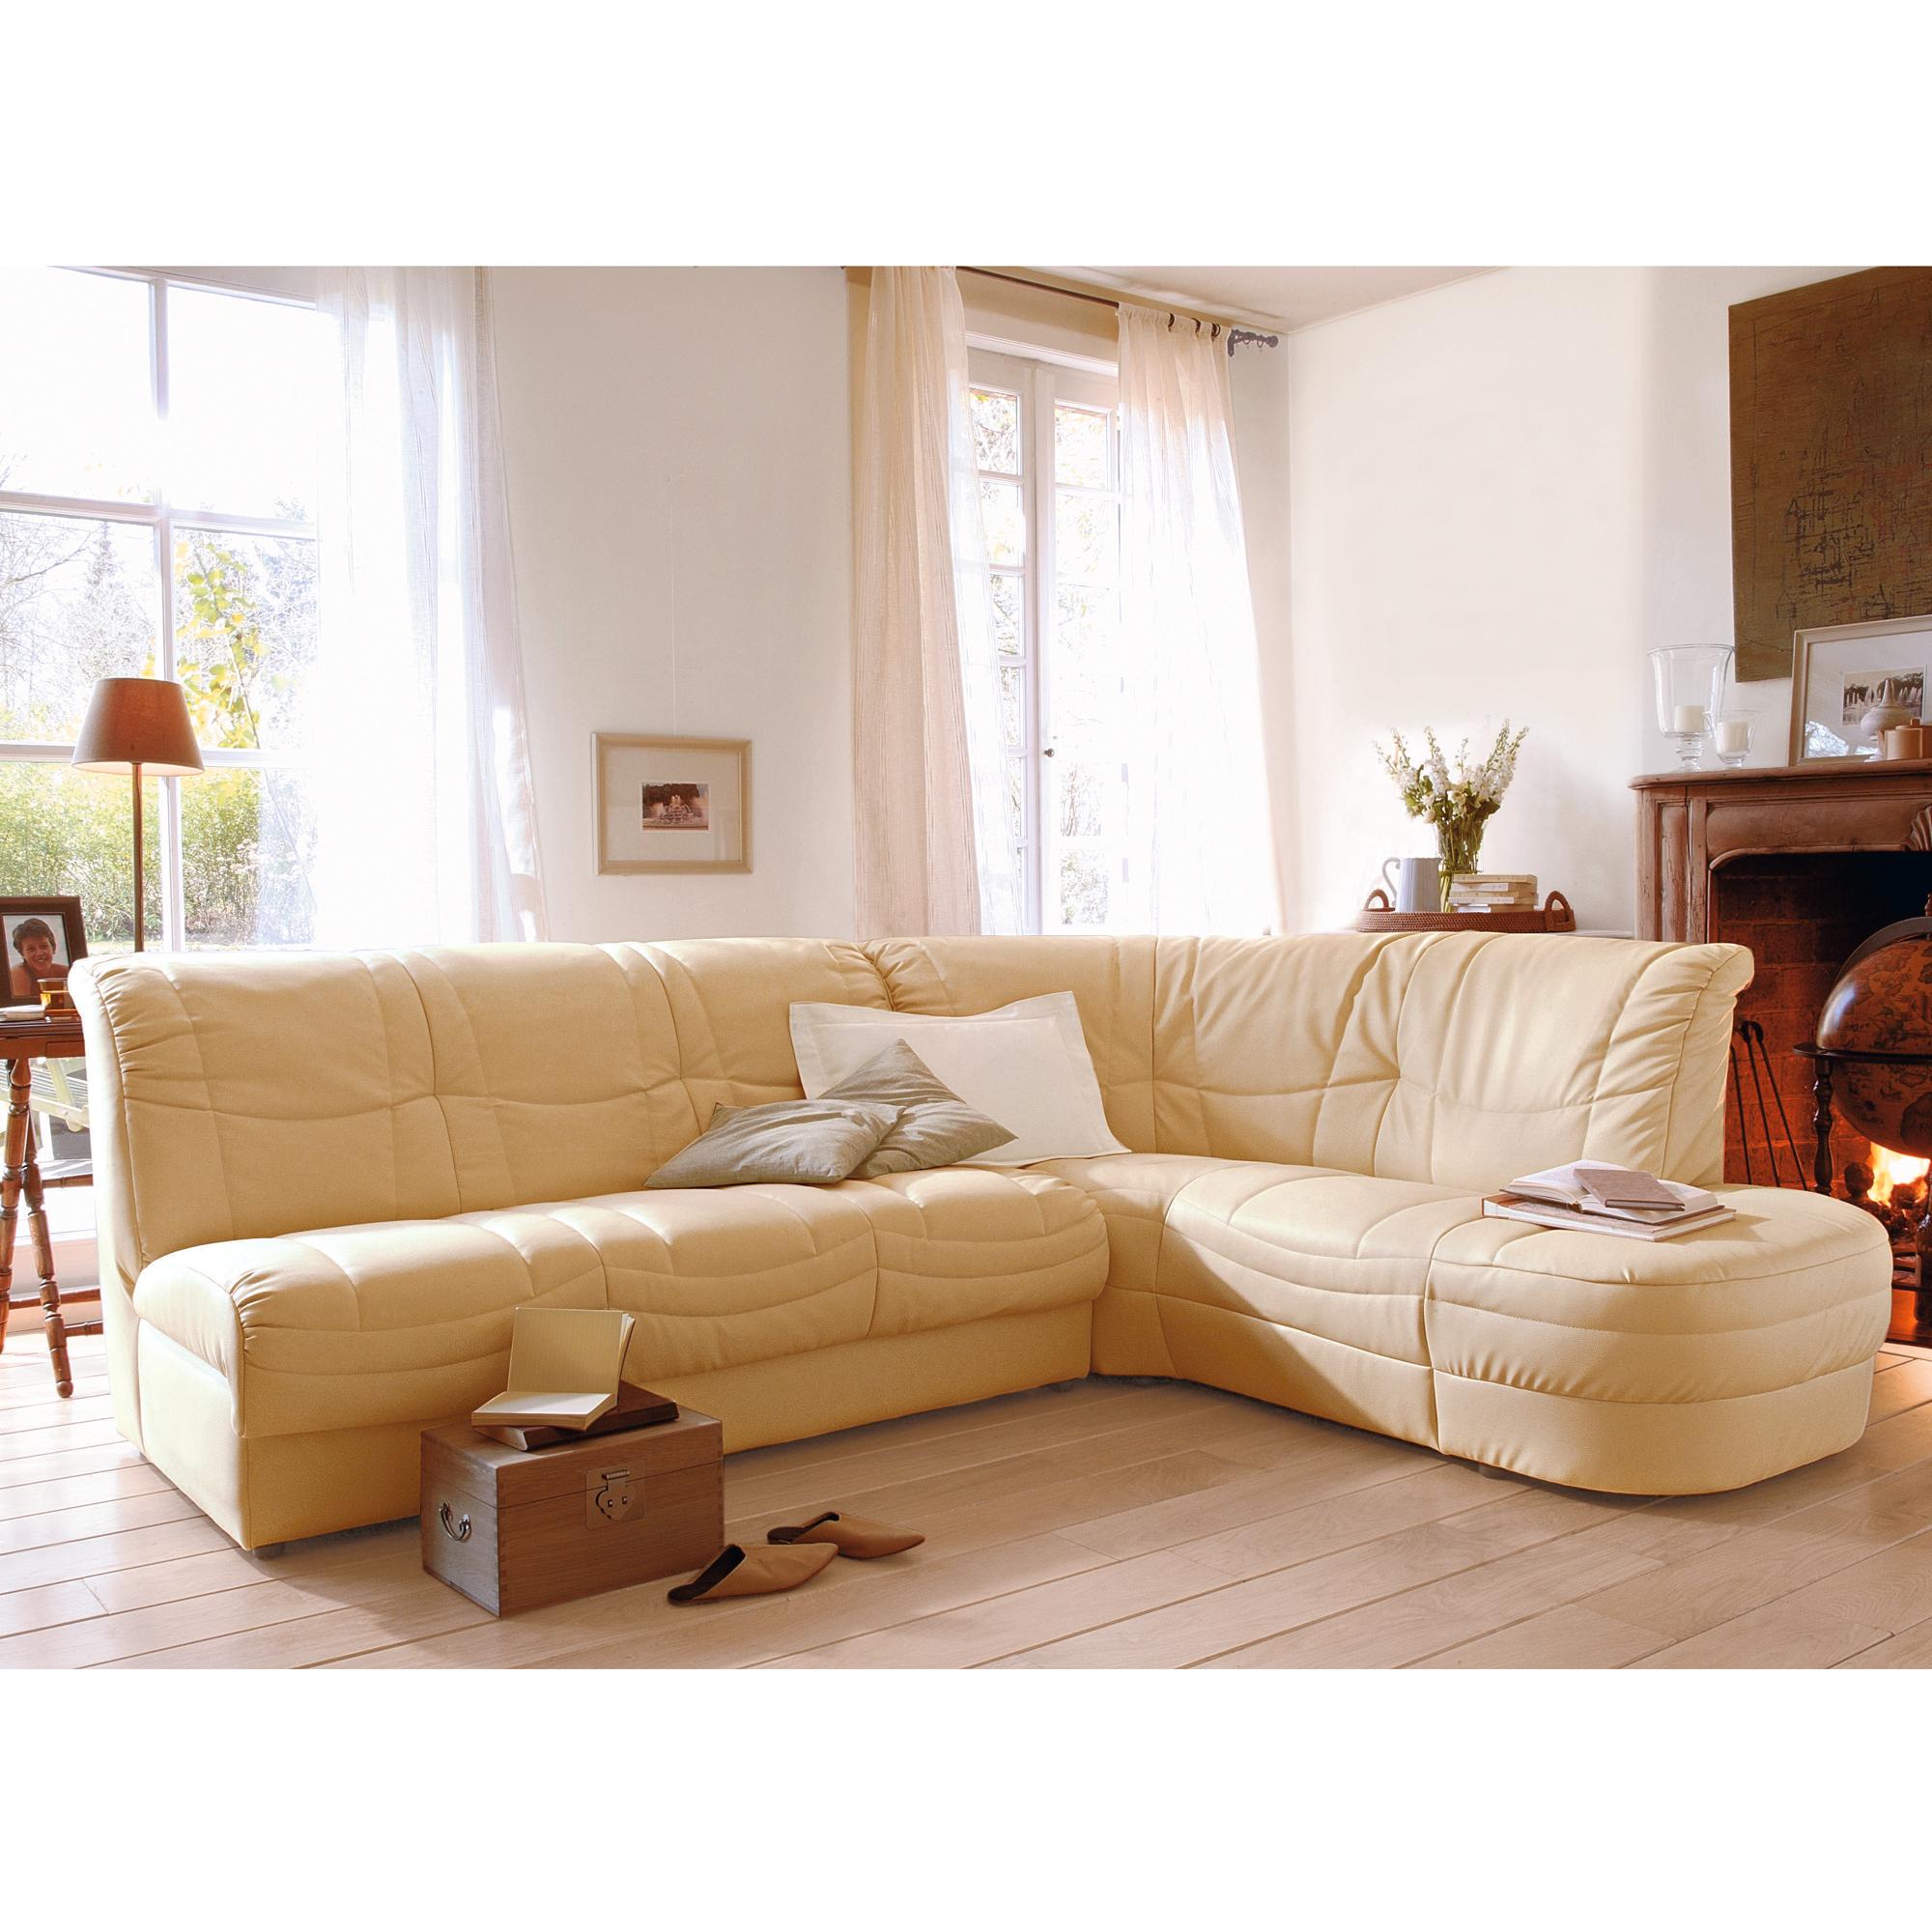 canap d 39 angle droite 5 places convertible capitole rev tement beige anniversaire 40 ans. Black Bedroom Furniture Sets. Home Design Ideas